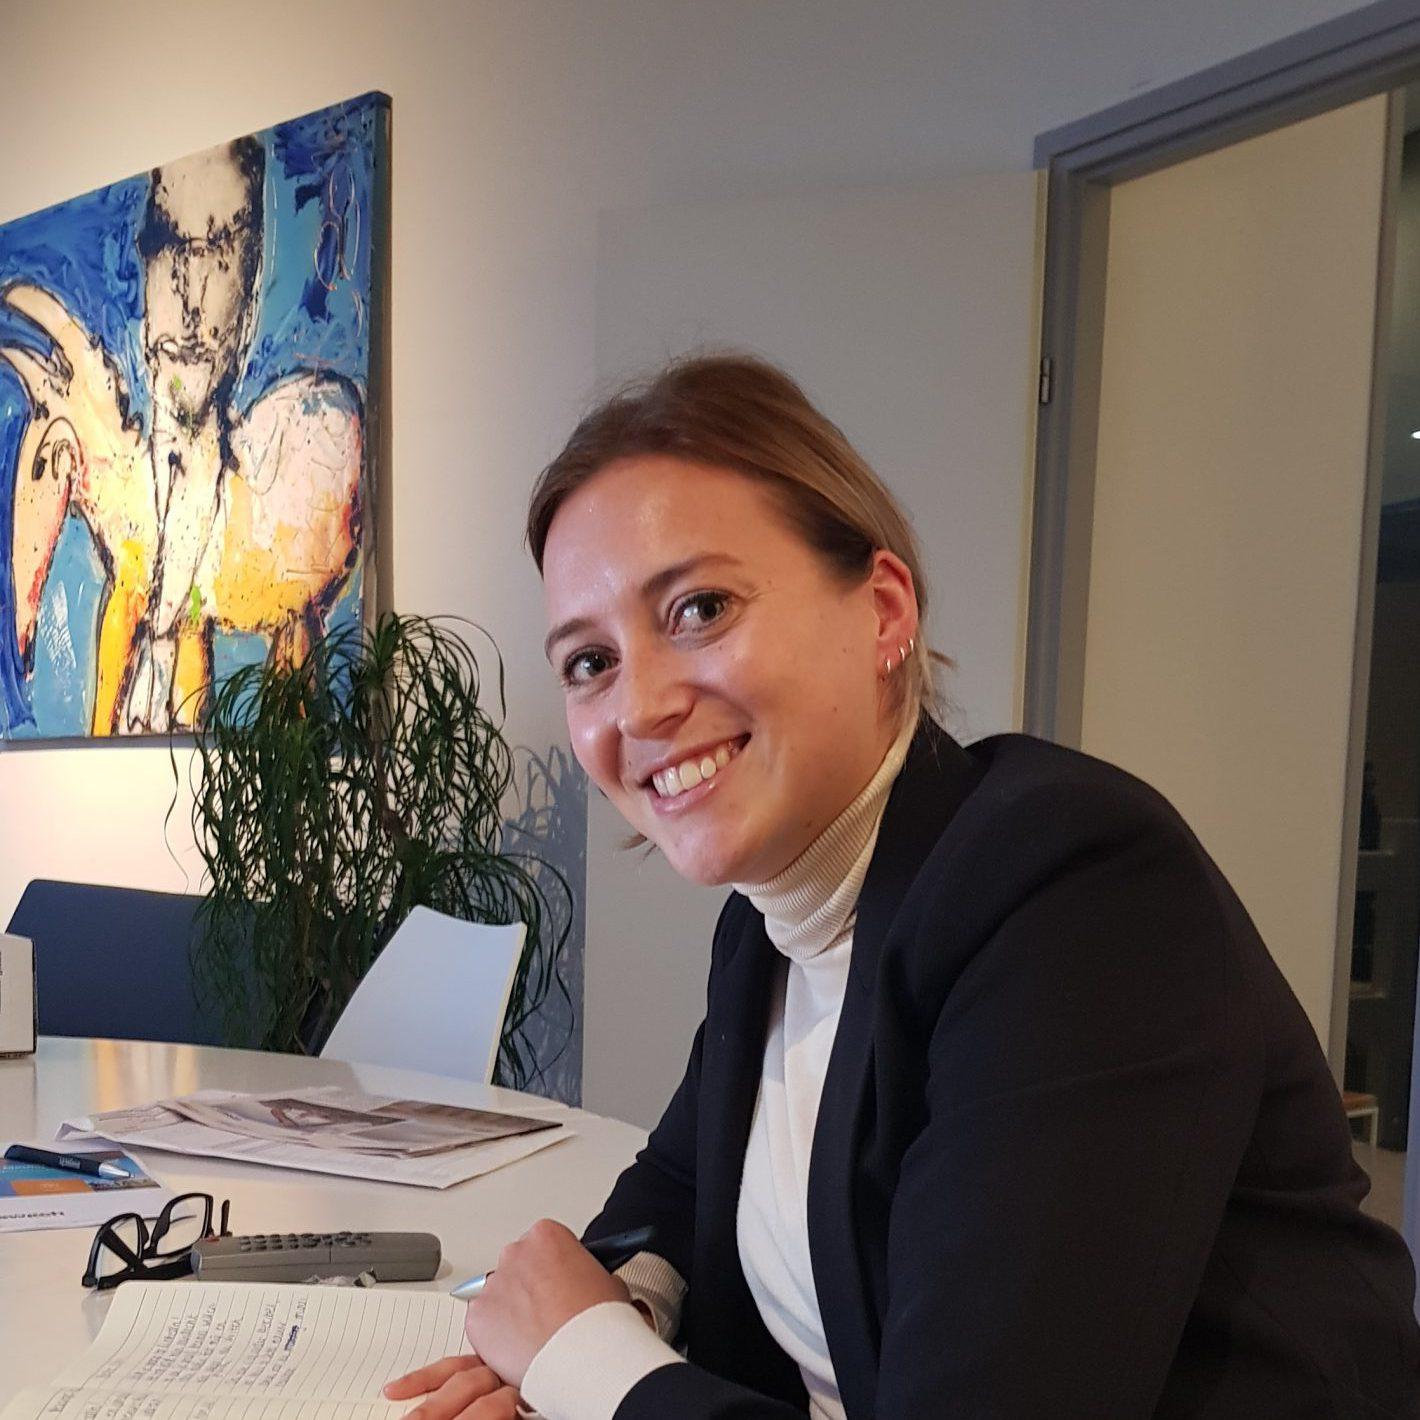 Claudia de Groot